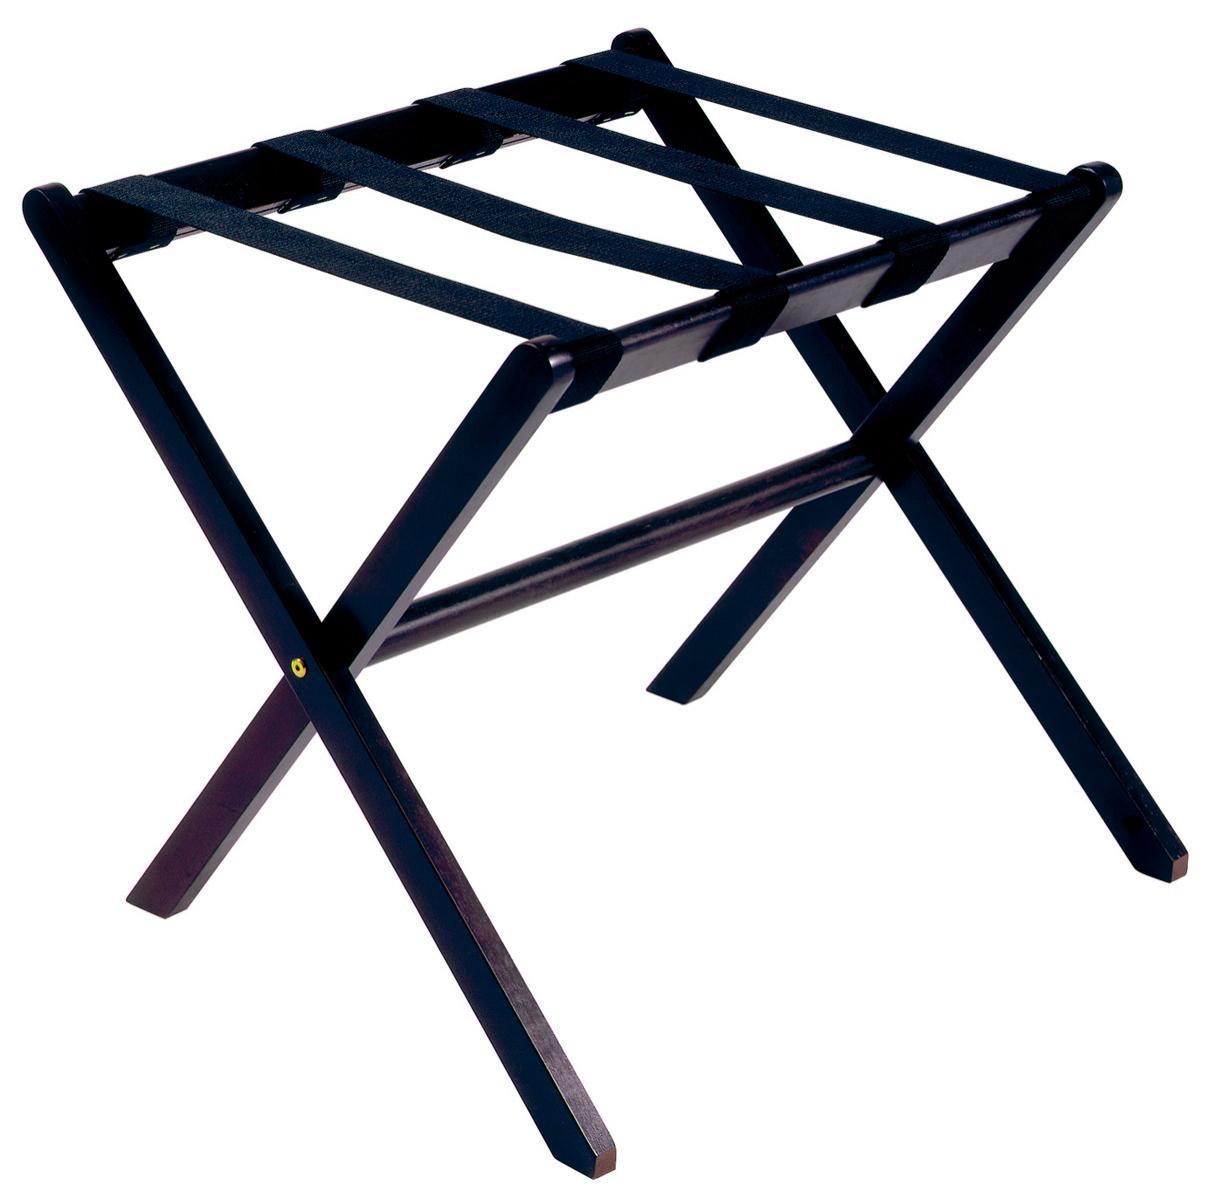 Soporte de madera plegable para las maletas JVD